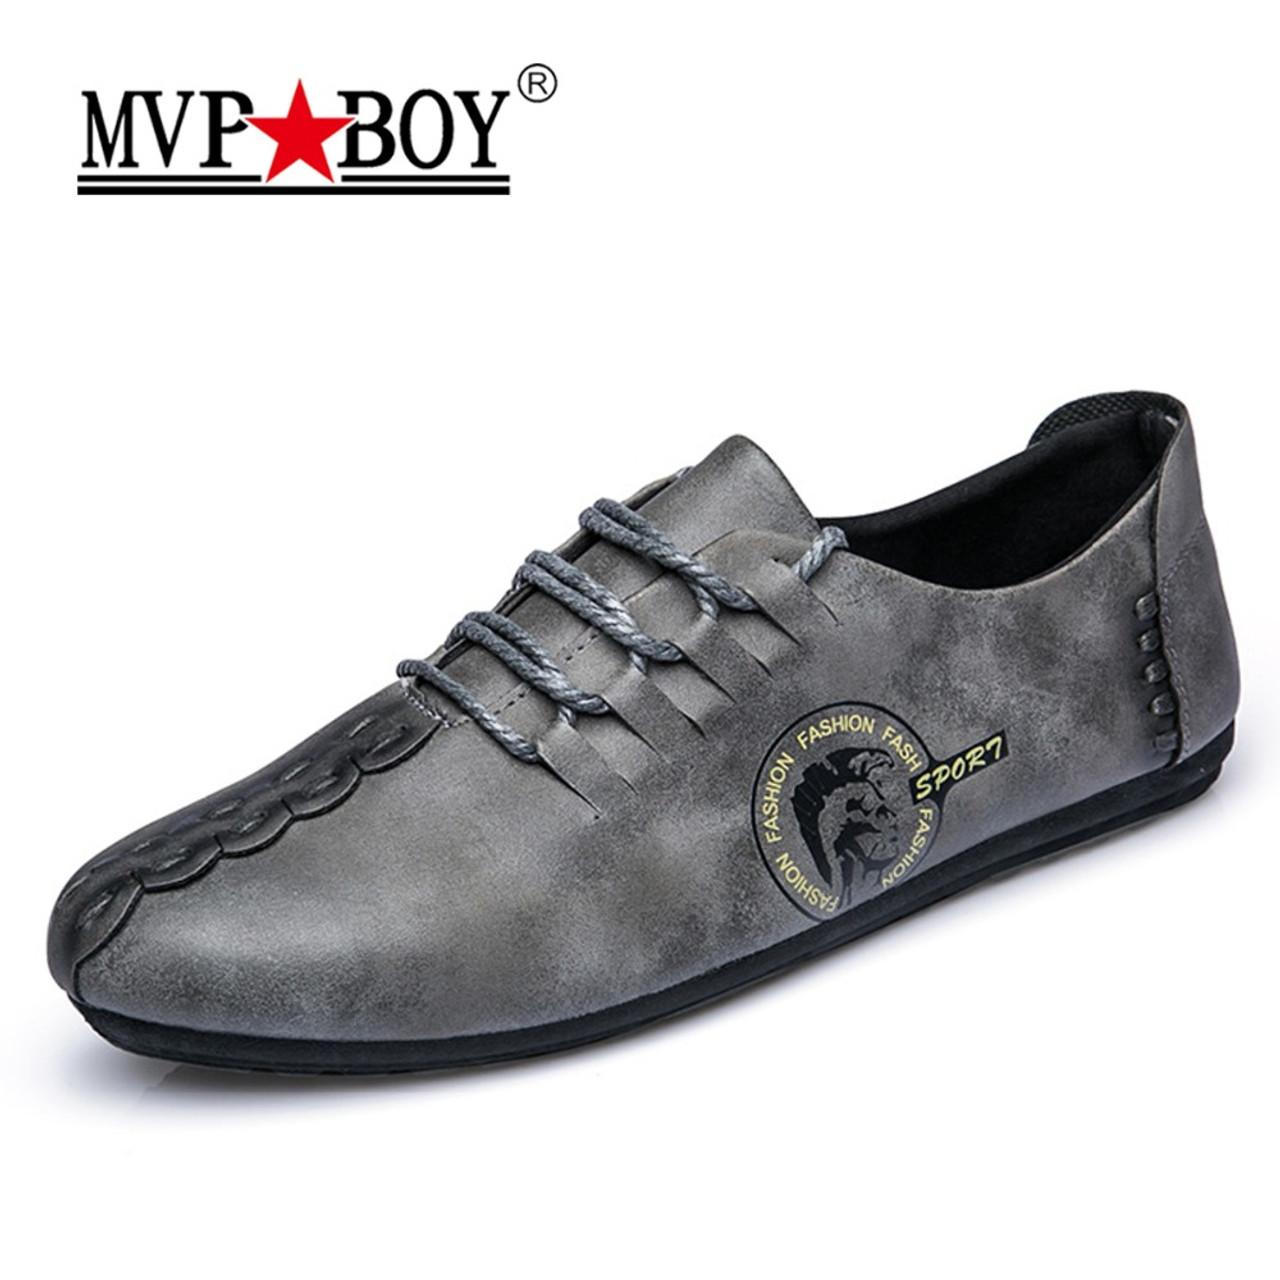 0c1e06cc3932c ... MVP BOY 2018 New Comfortable Casual Shoes Loafers Men Shoes Quality  Split Leather Shoes Men Flats ...